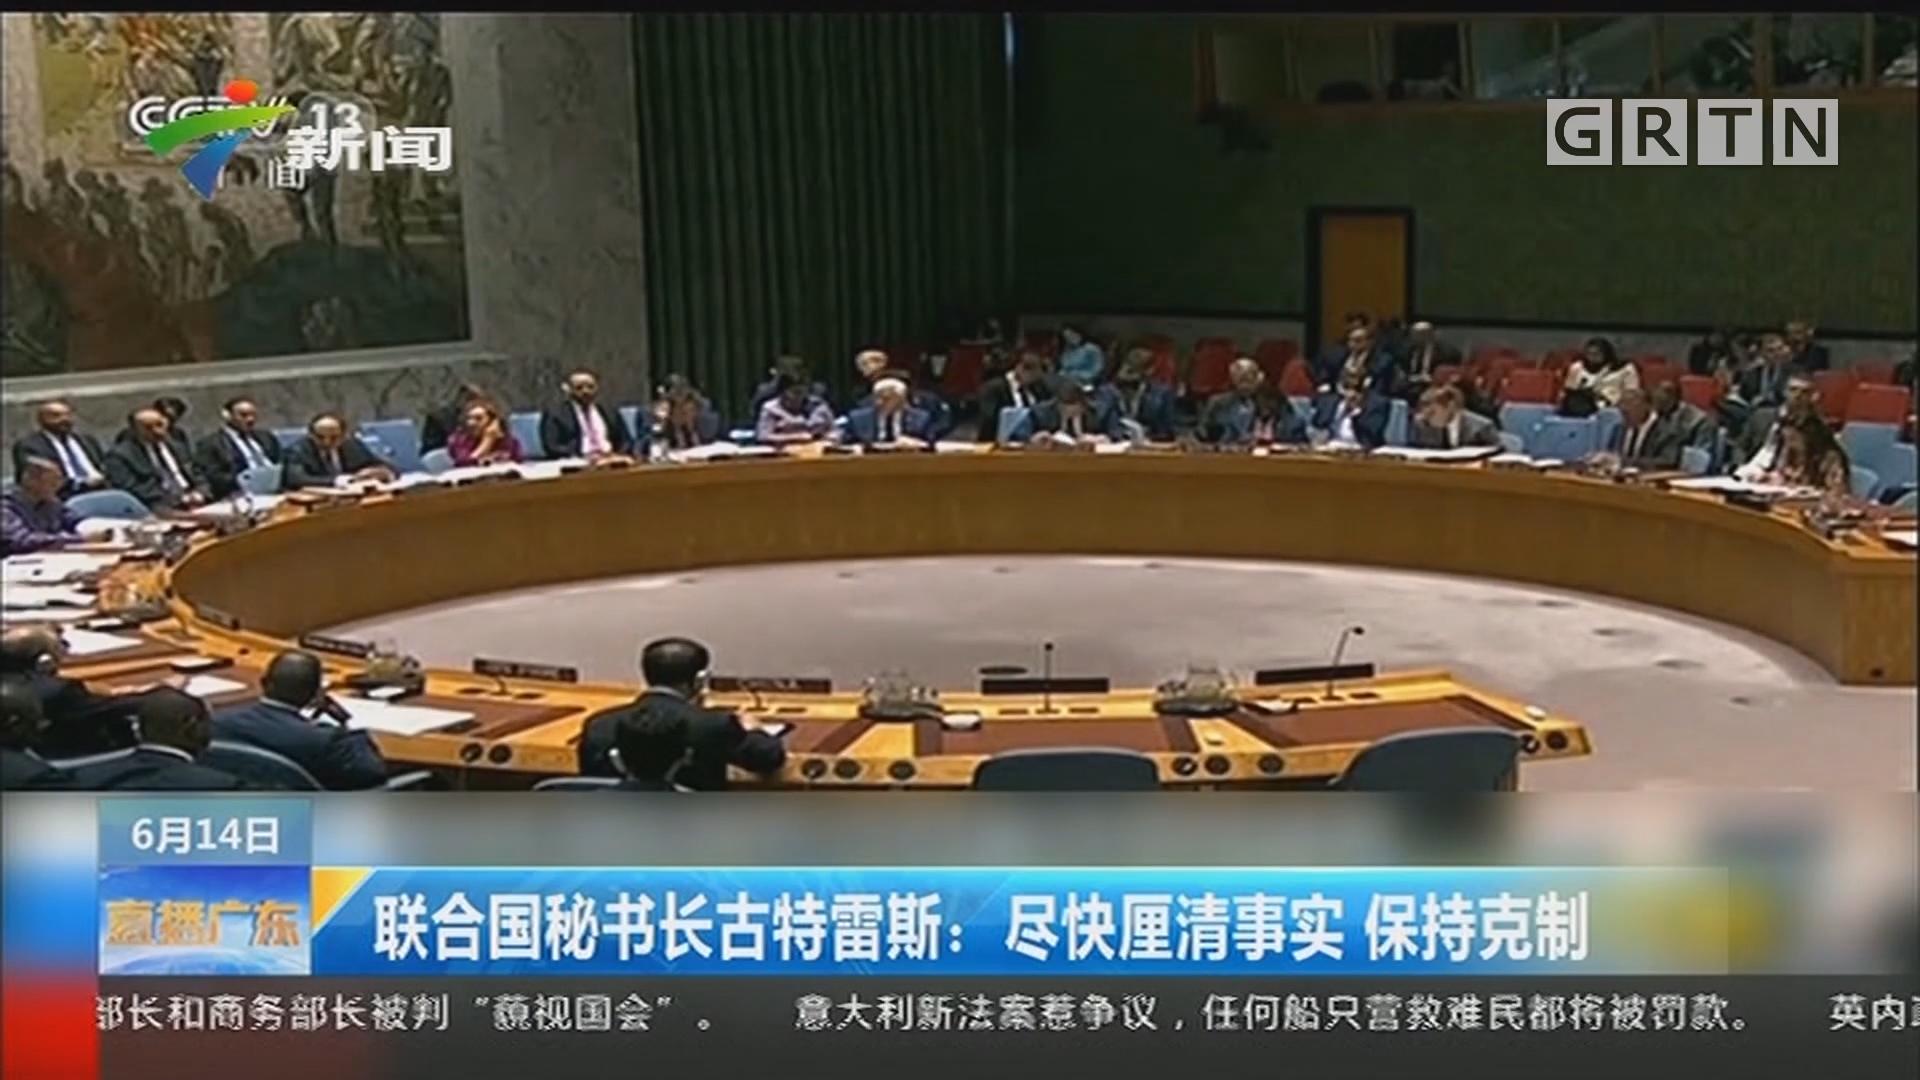 联合国秘书长古特雷斯:尽快厘清事实 保持克制